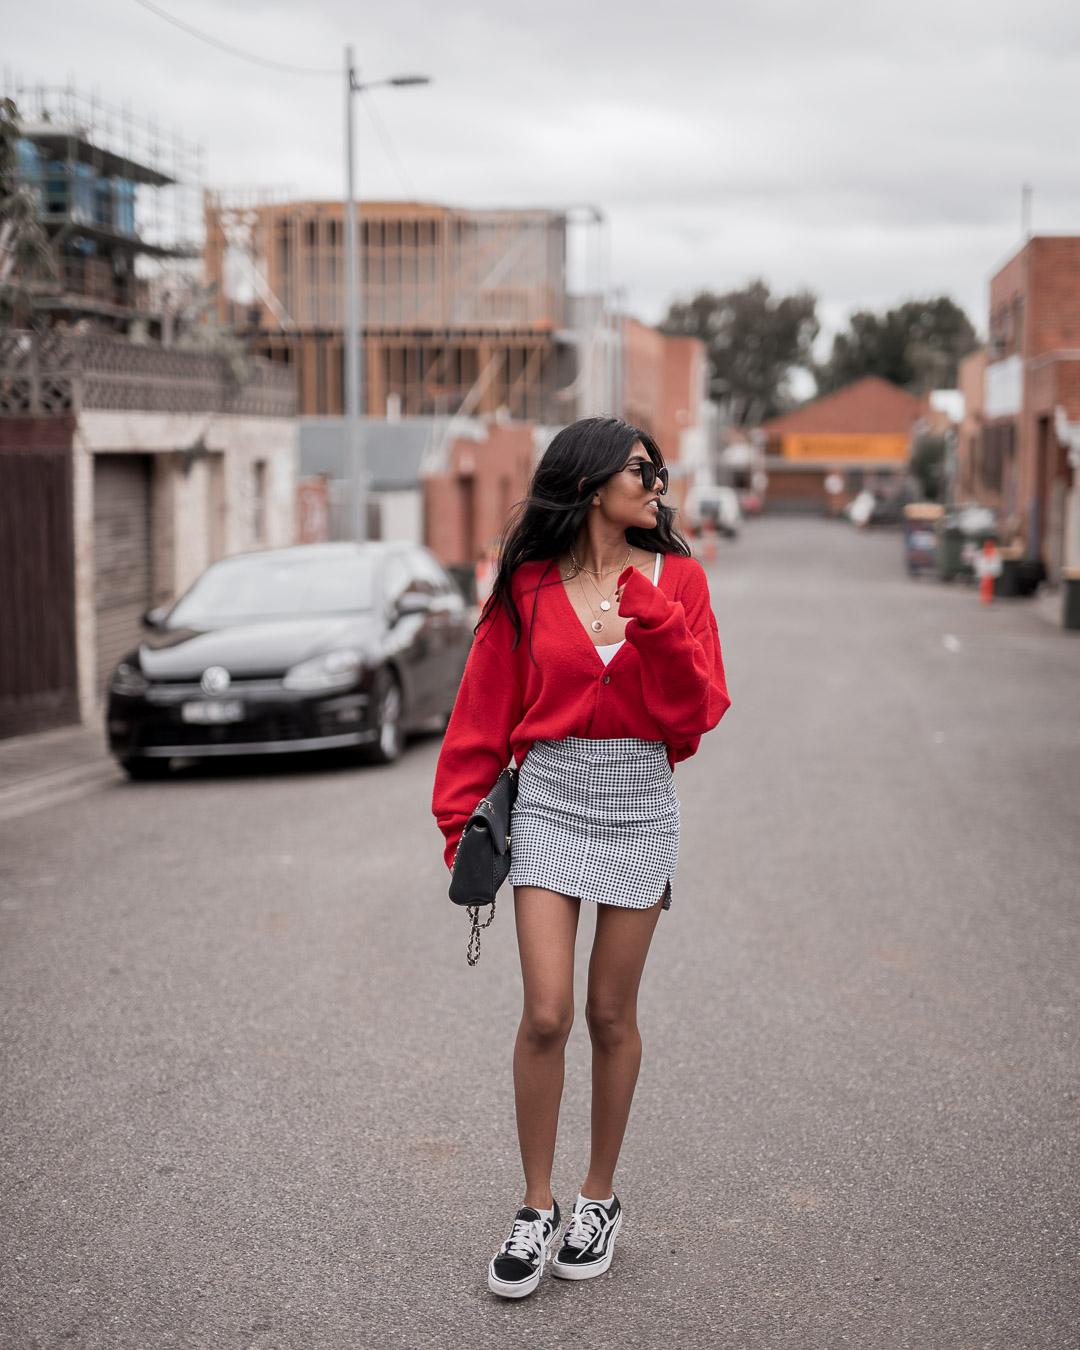 Oversize Styles Full Length Walking